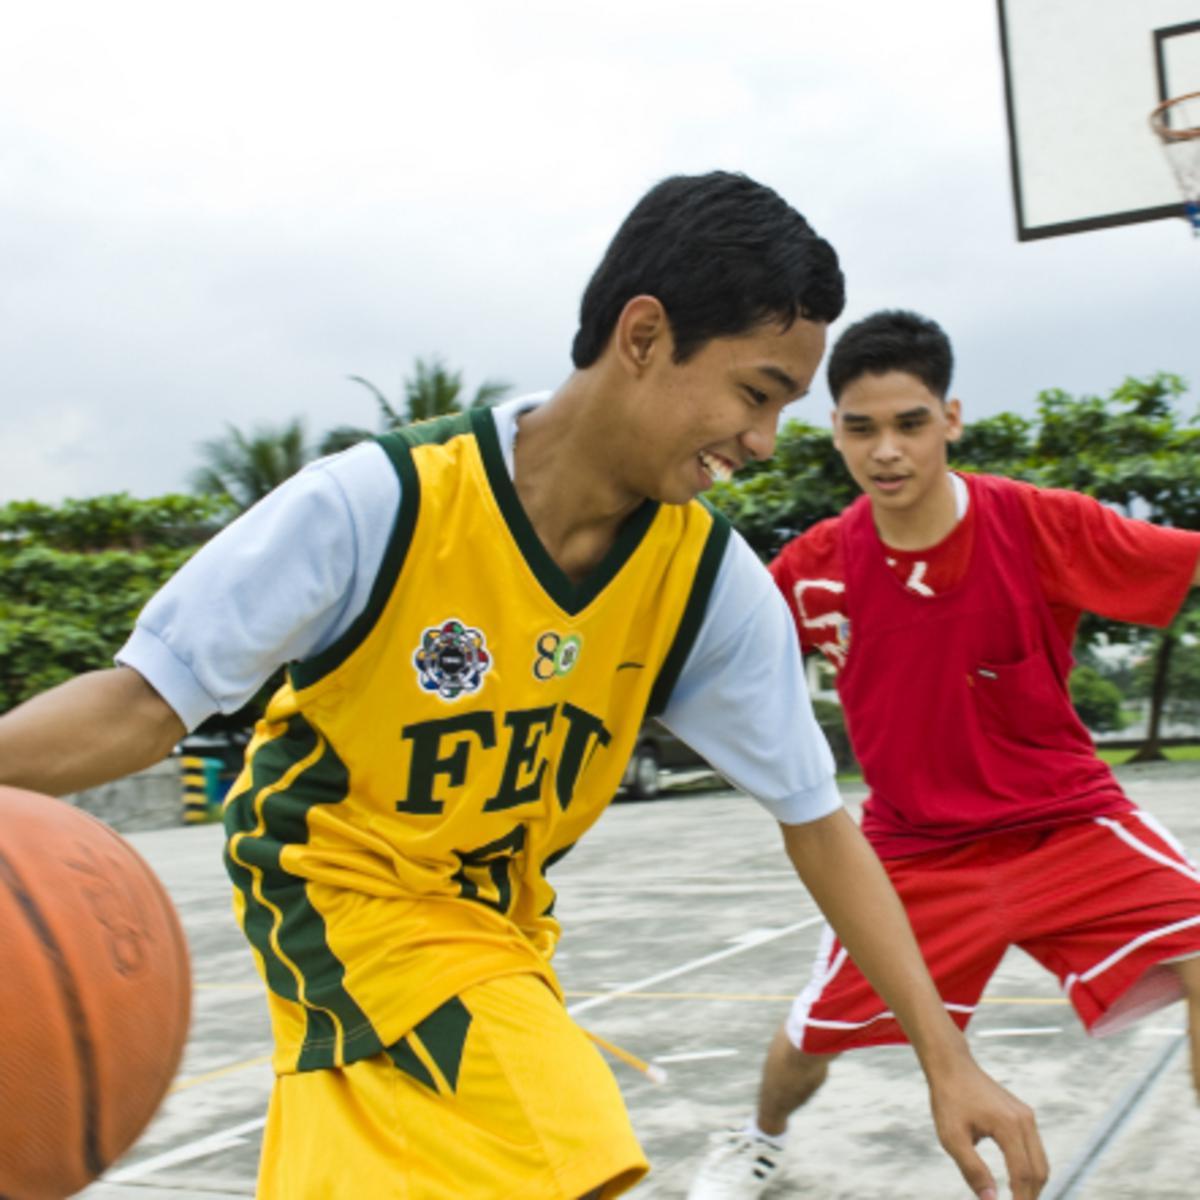 Junge Männer beim Basketballspiel